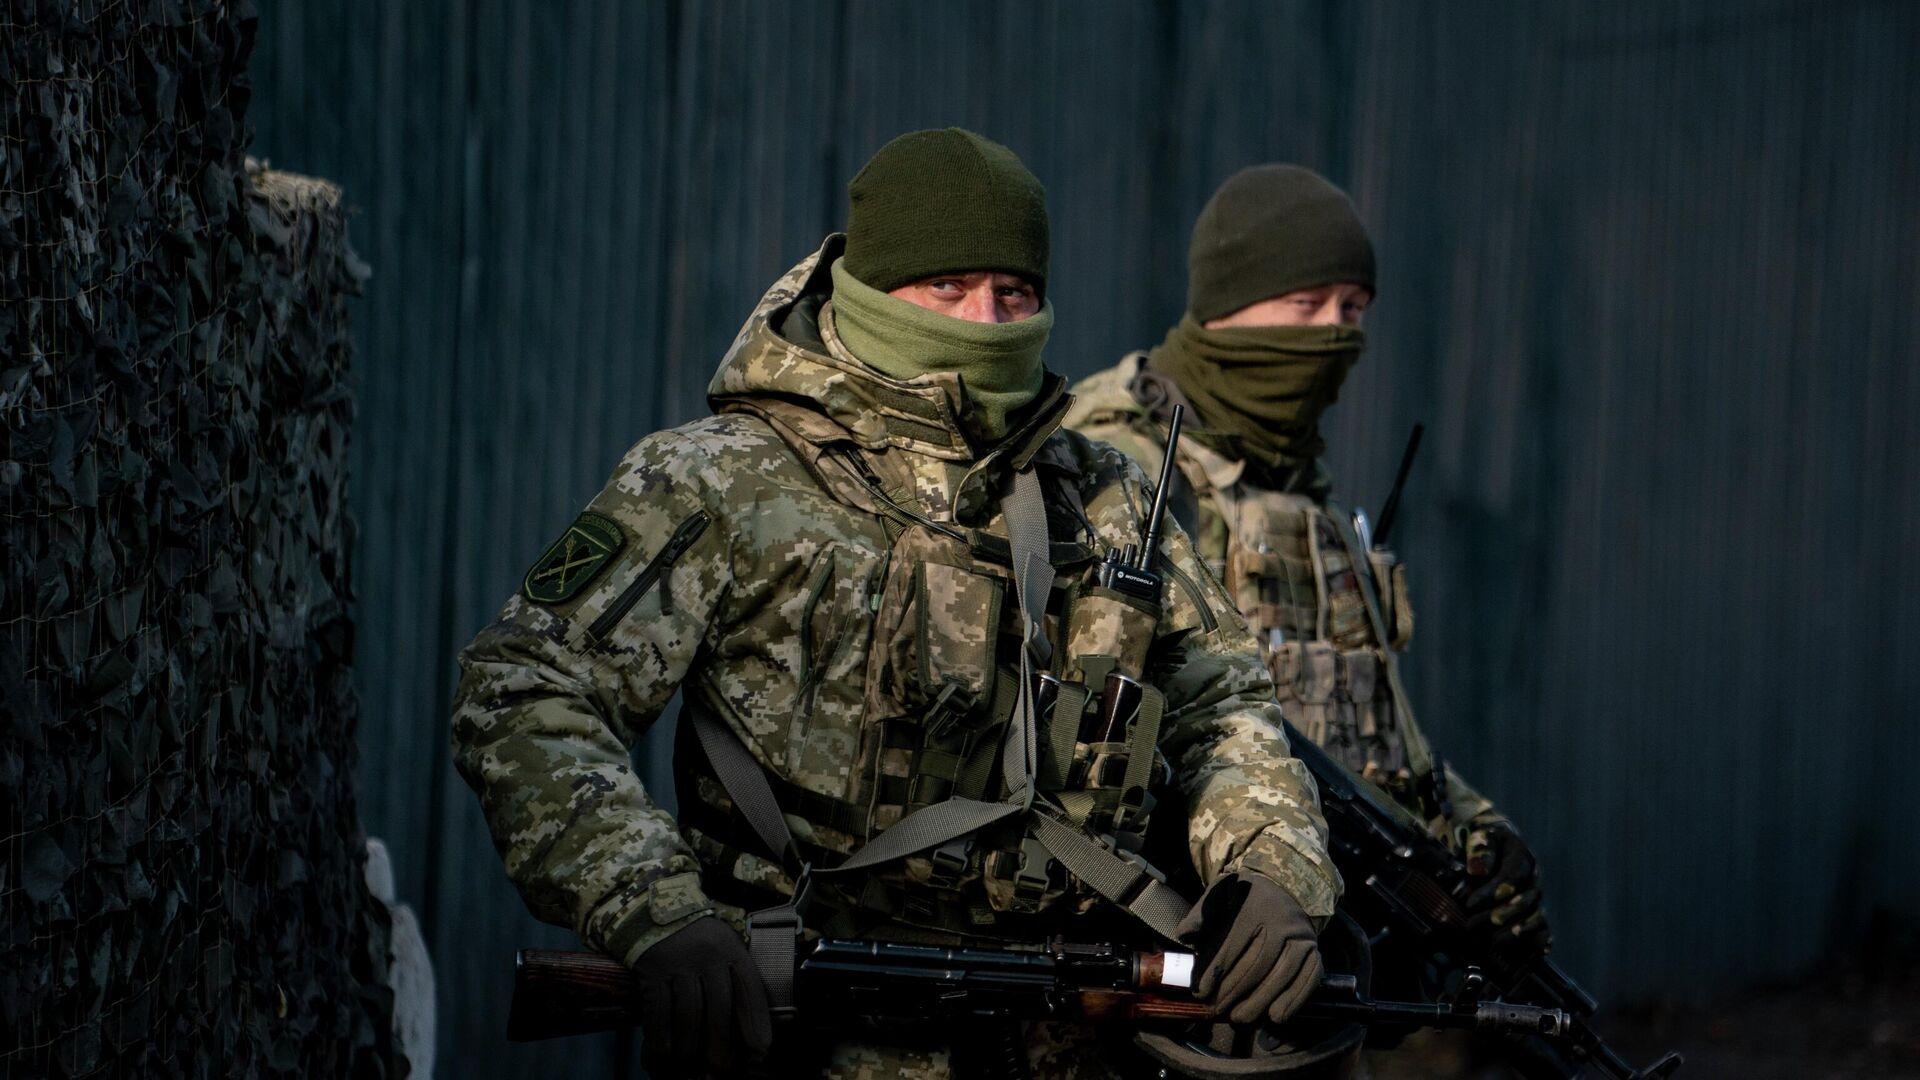 Miliatres ucranianos en la región de Lugansk (archivo) - Sputnik Mundo, 1920, 10.04.2021